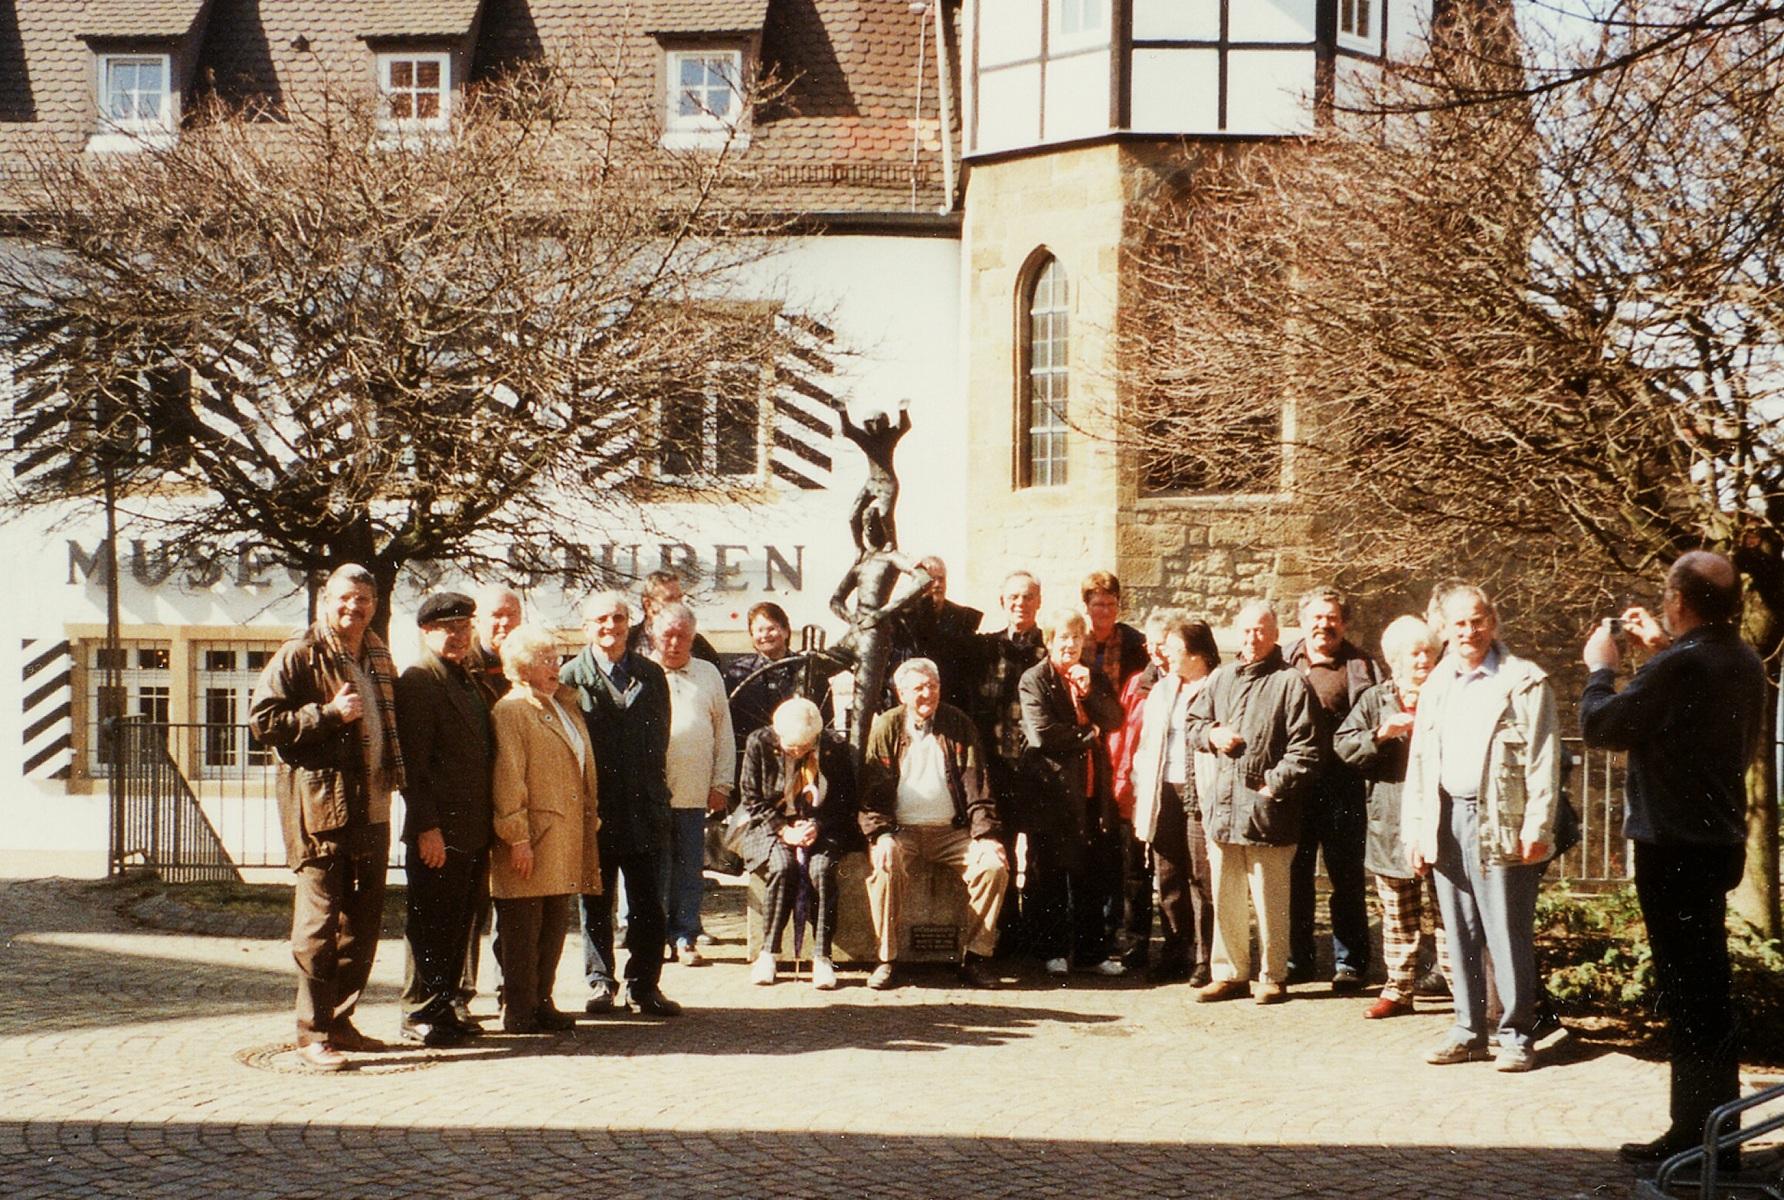 2003_03_19 Neckarsulm, Zweiradmuseum